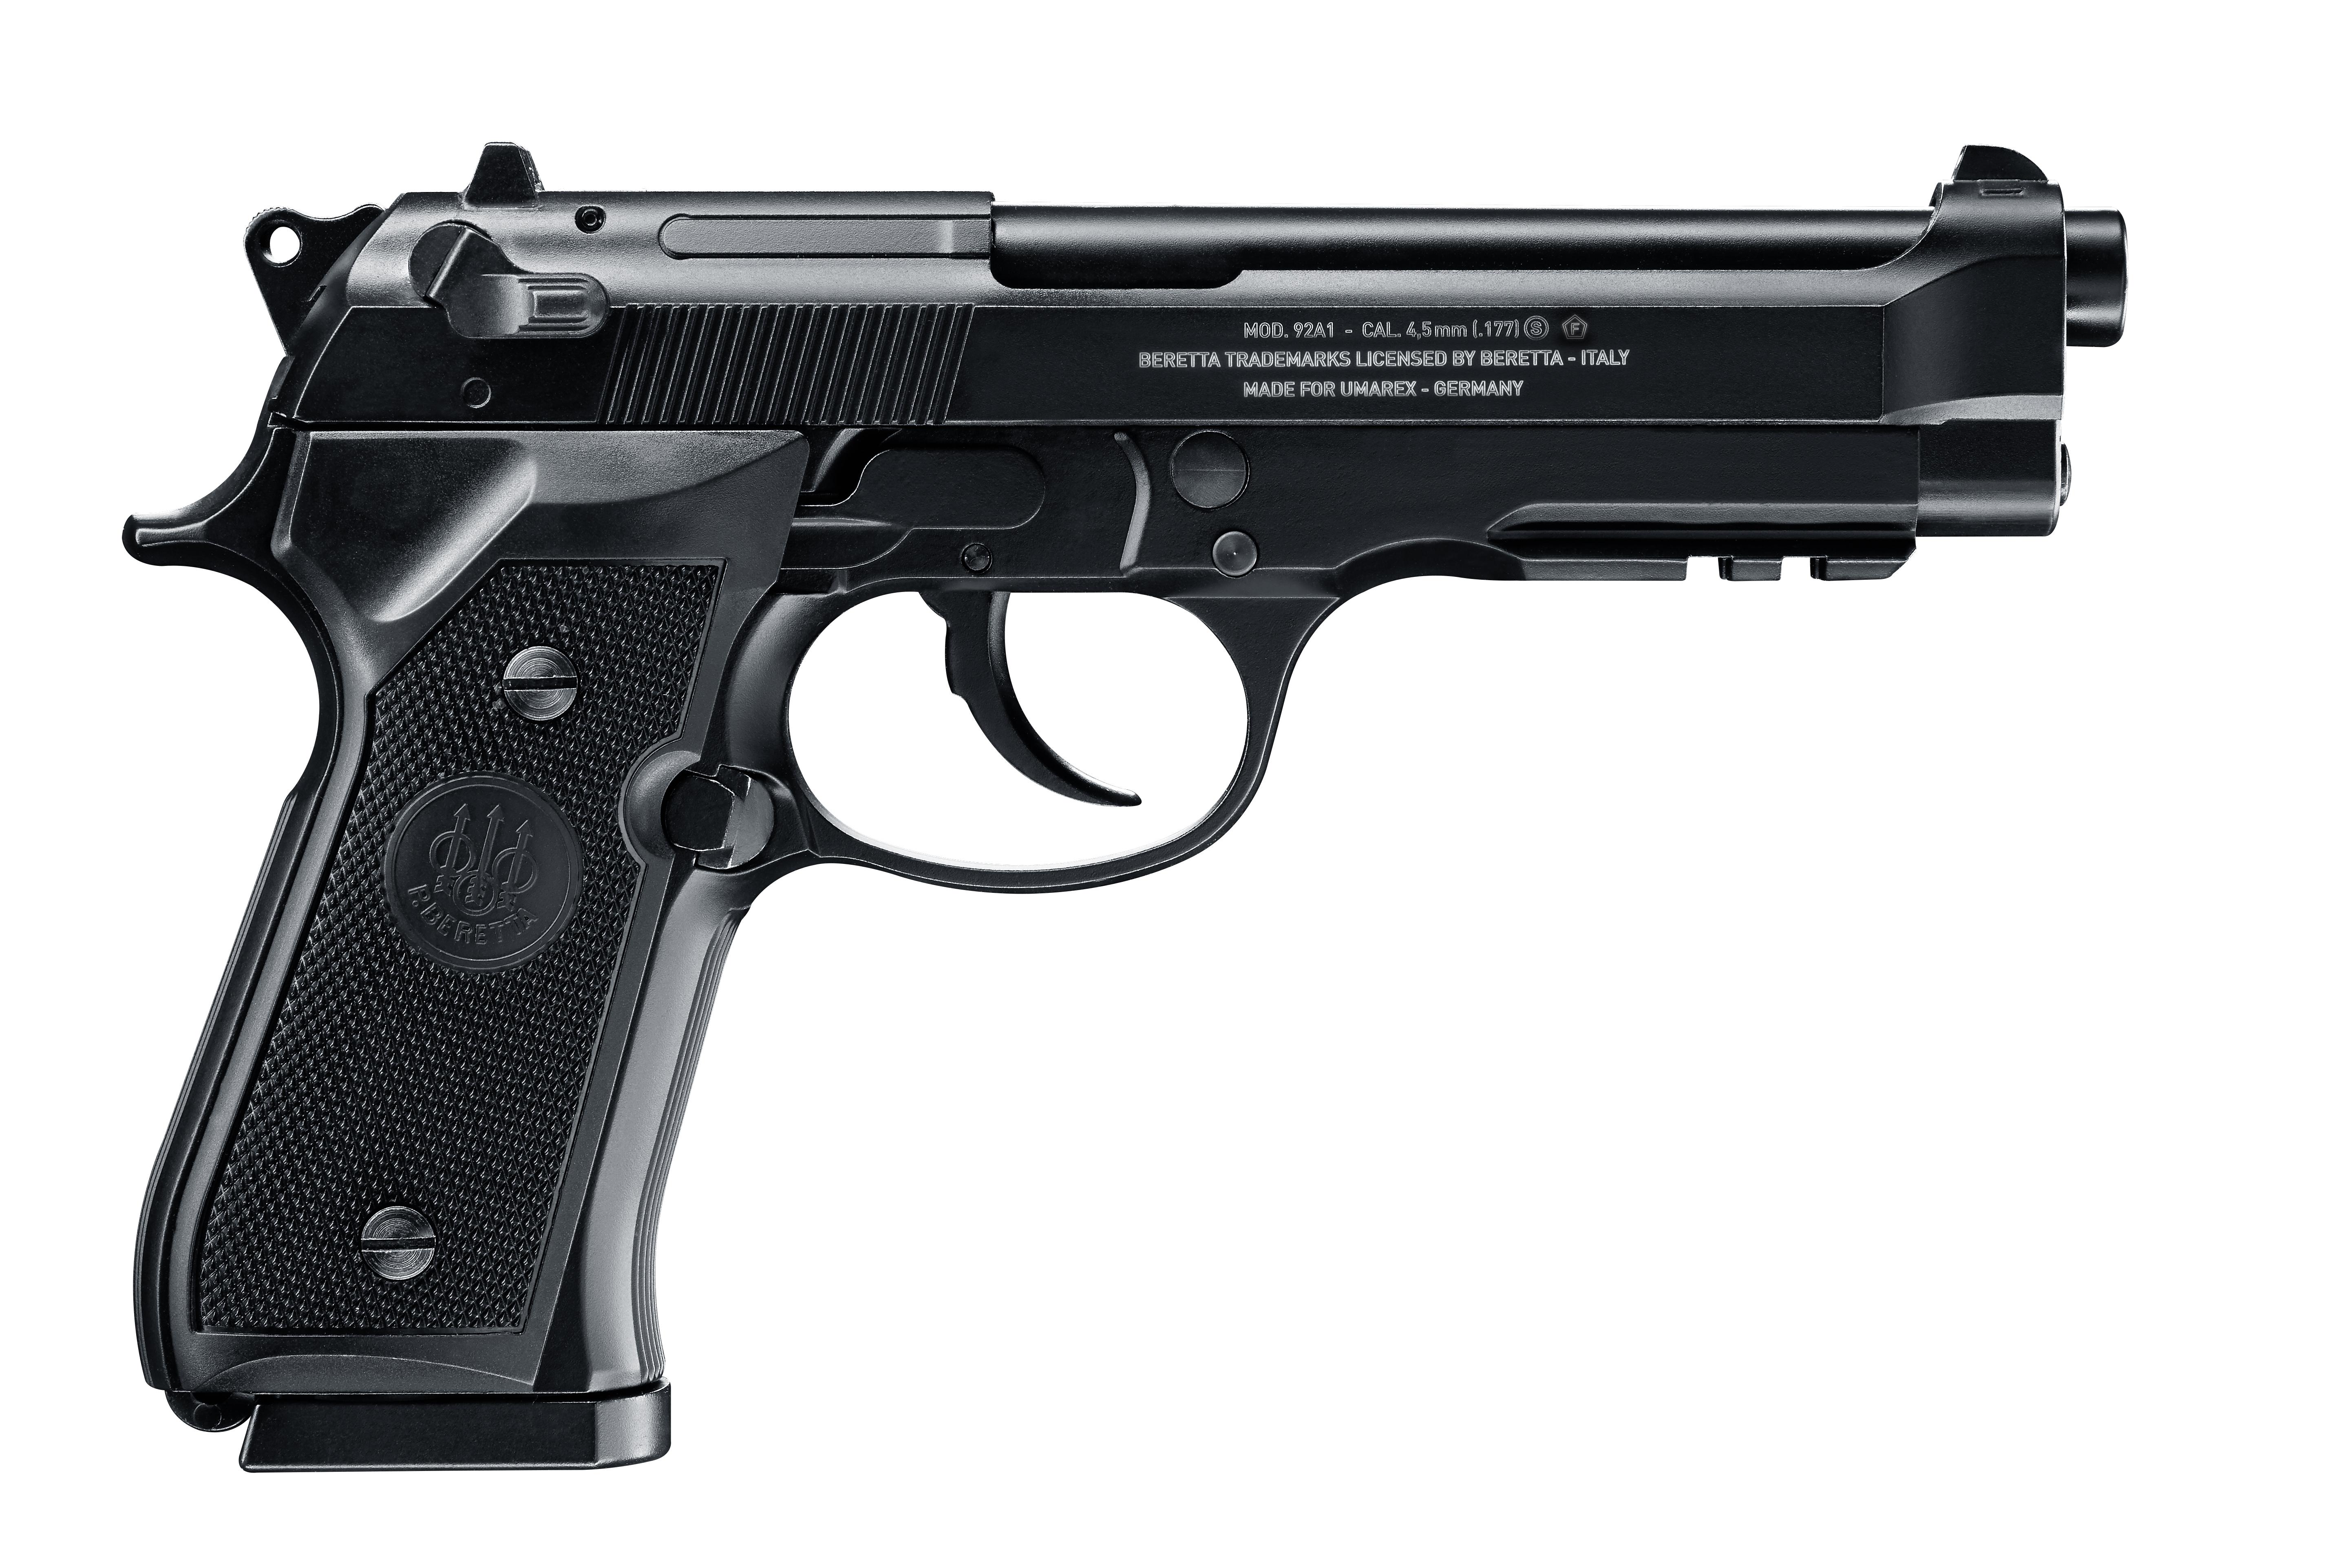 BERETTA (Umarex R) CO2 Airgun Replica MOD. 92 A1